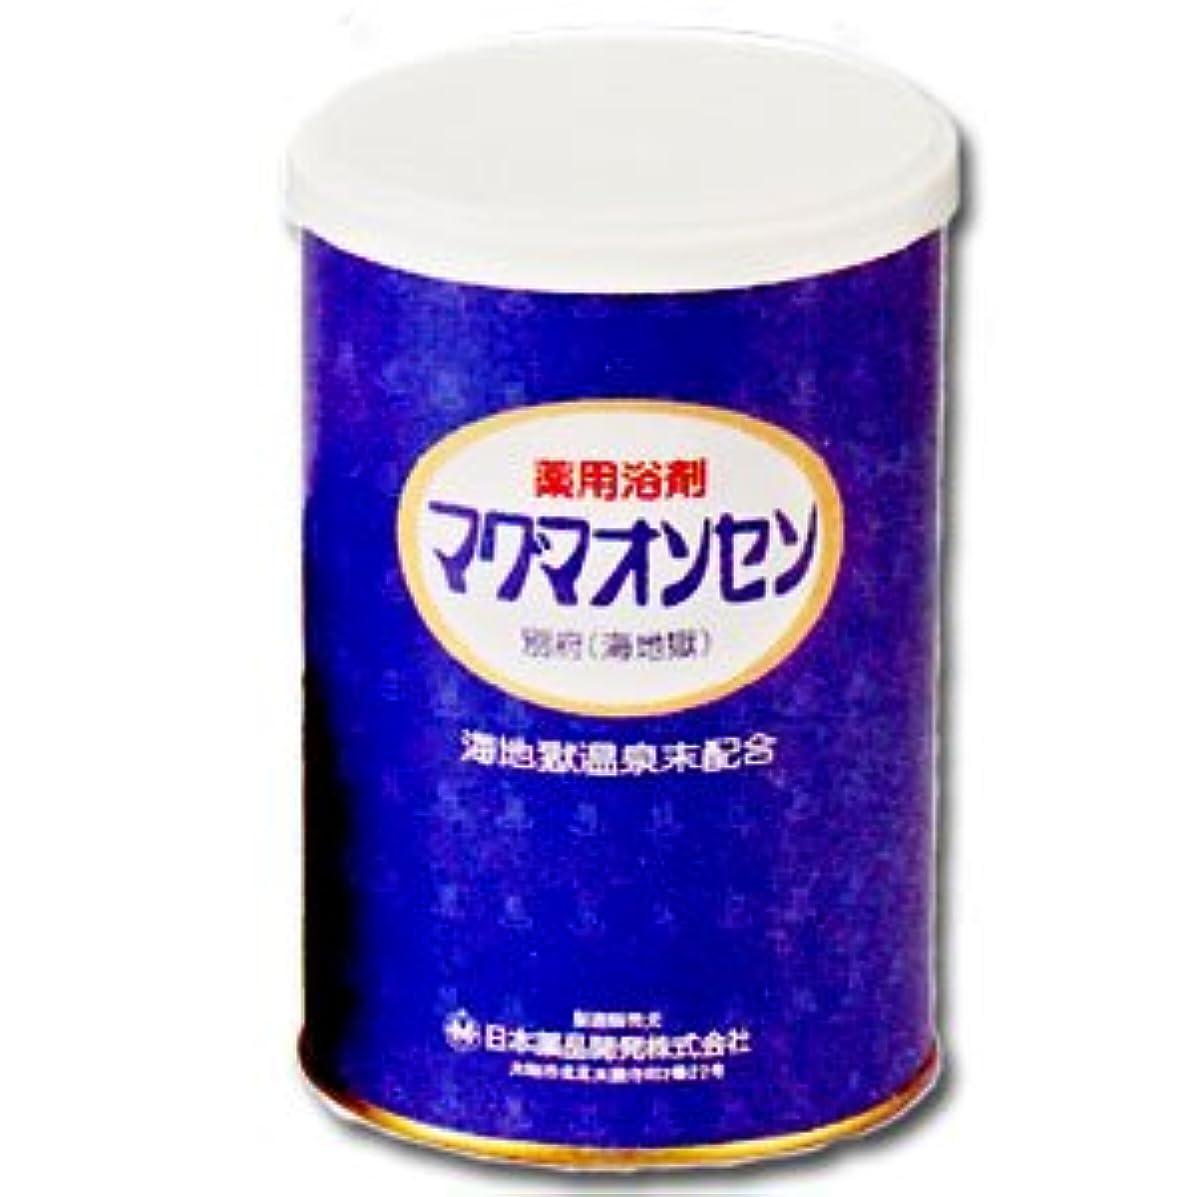 薬用入浴剤 マグマオンセン(医薬部外品)500g